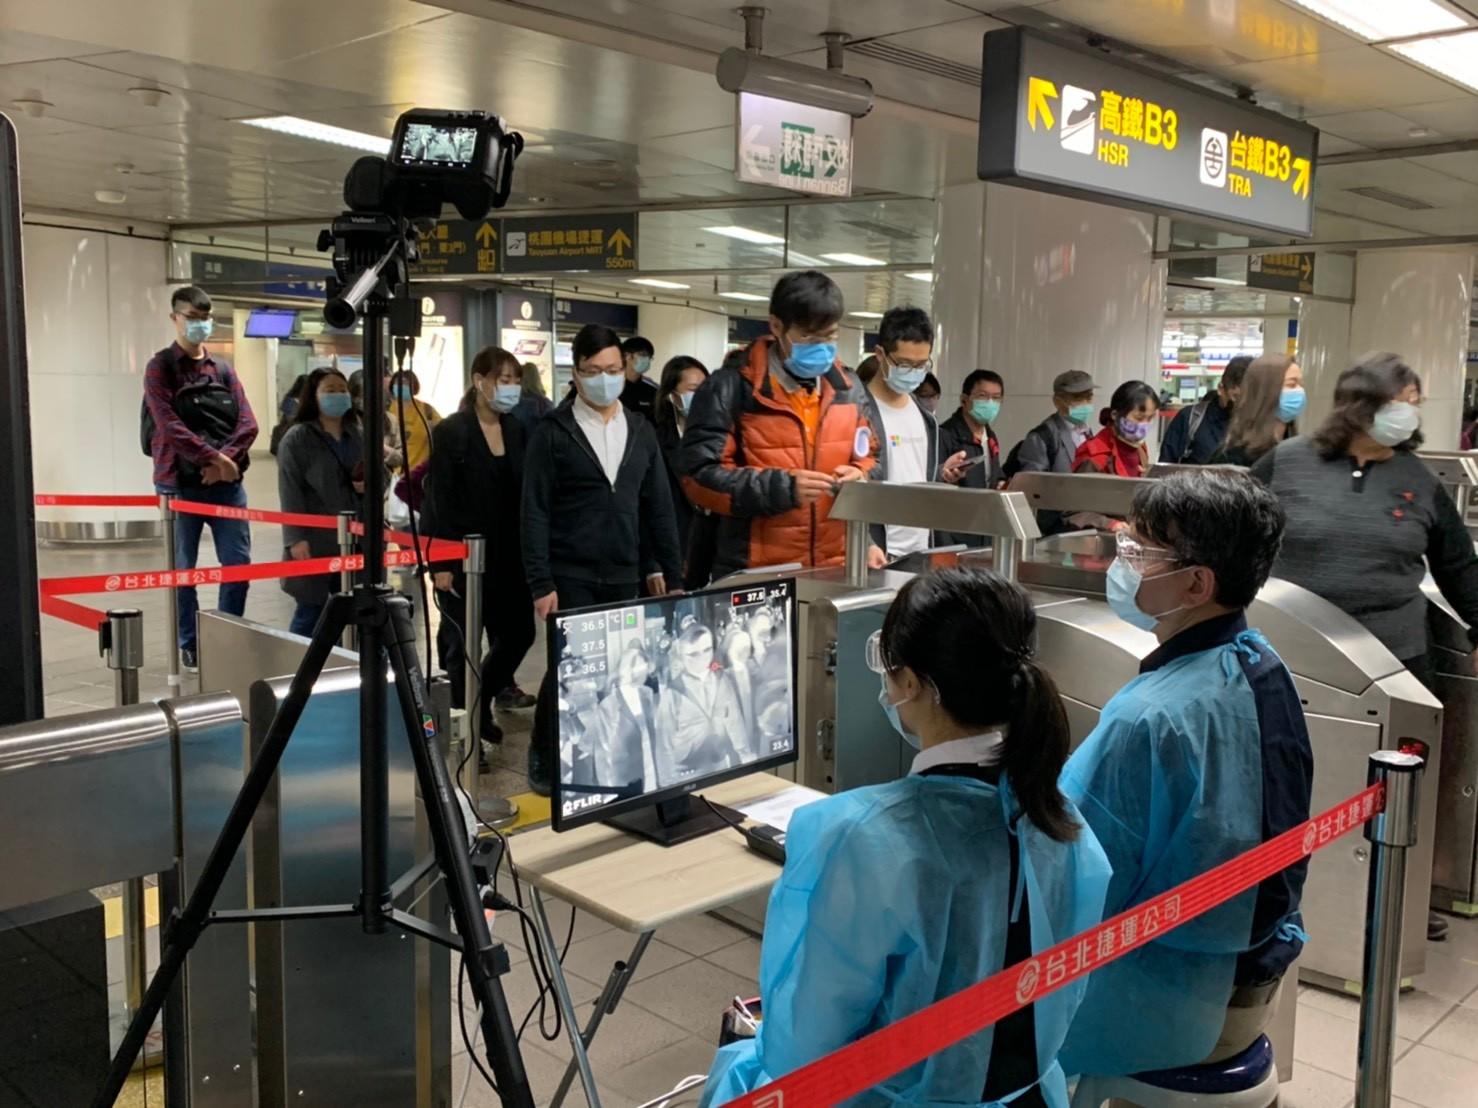 抗疫疫苗至少再等1年! 台大急診醫師:台灣想「重新開機」 就要做好這件事